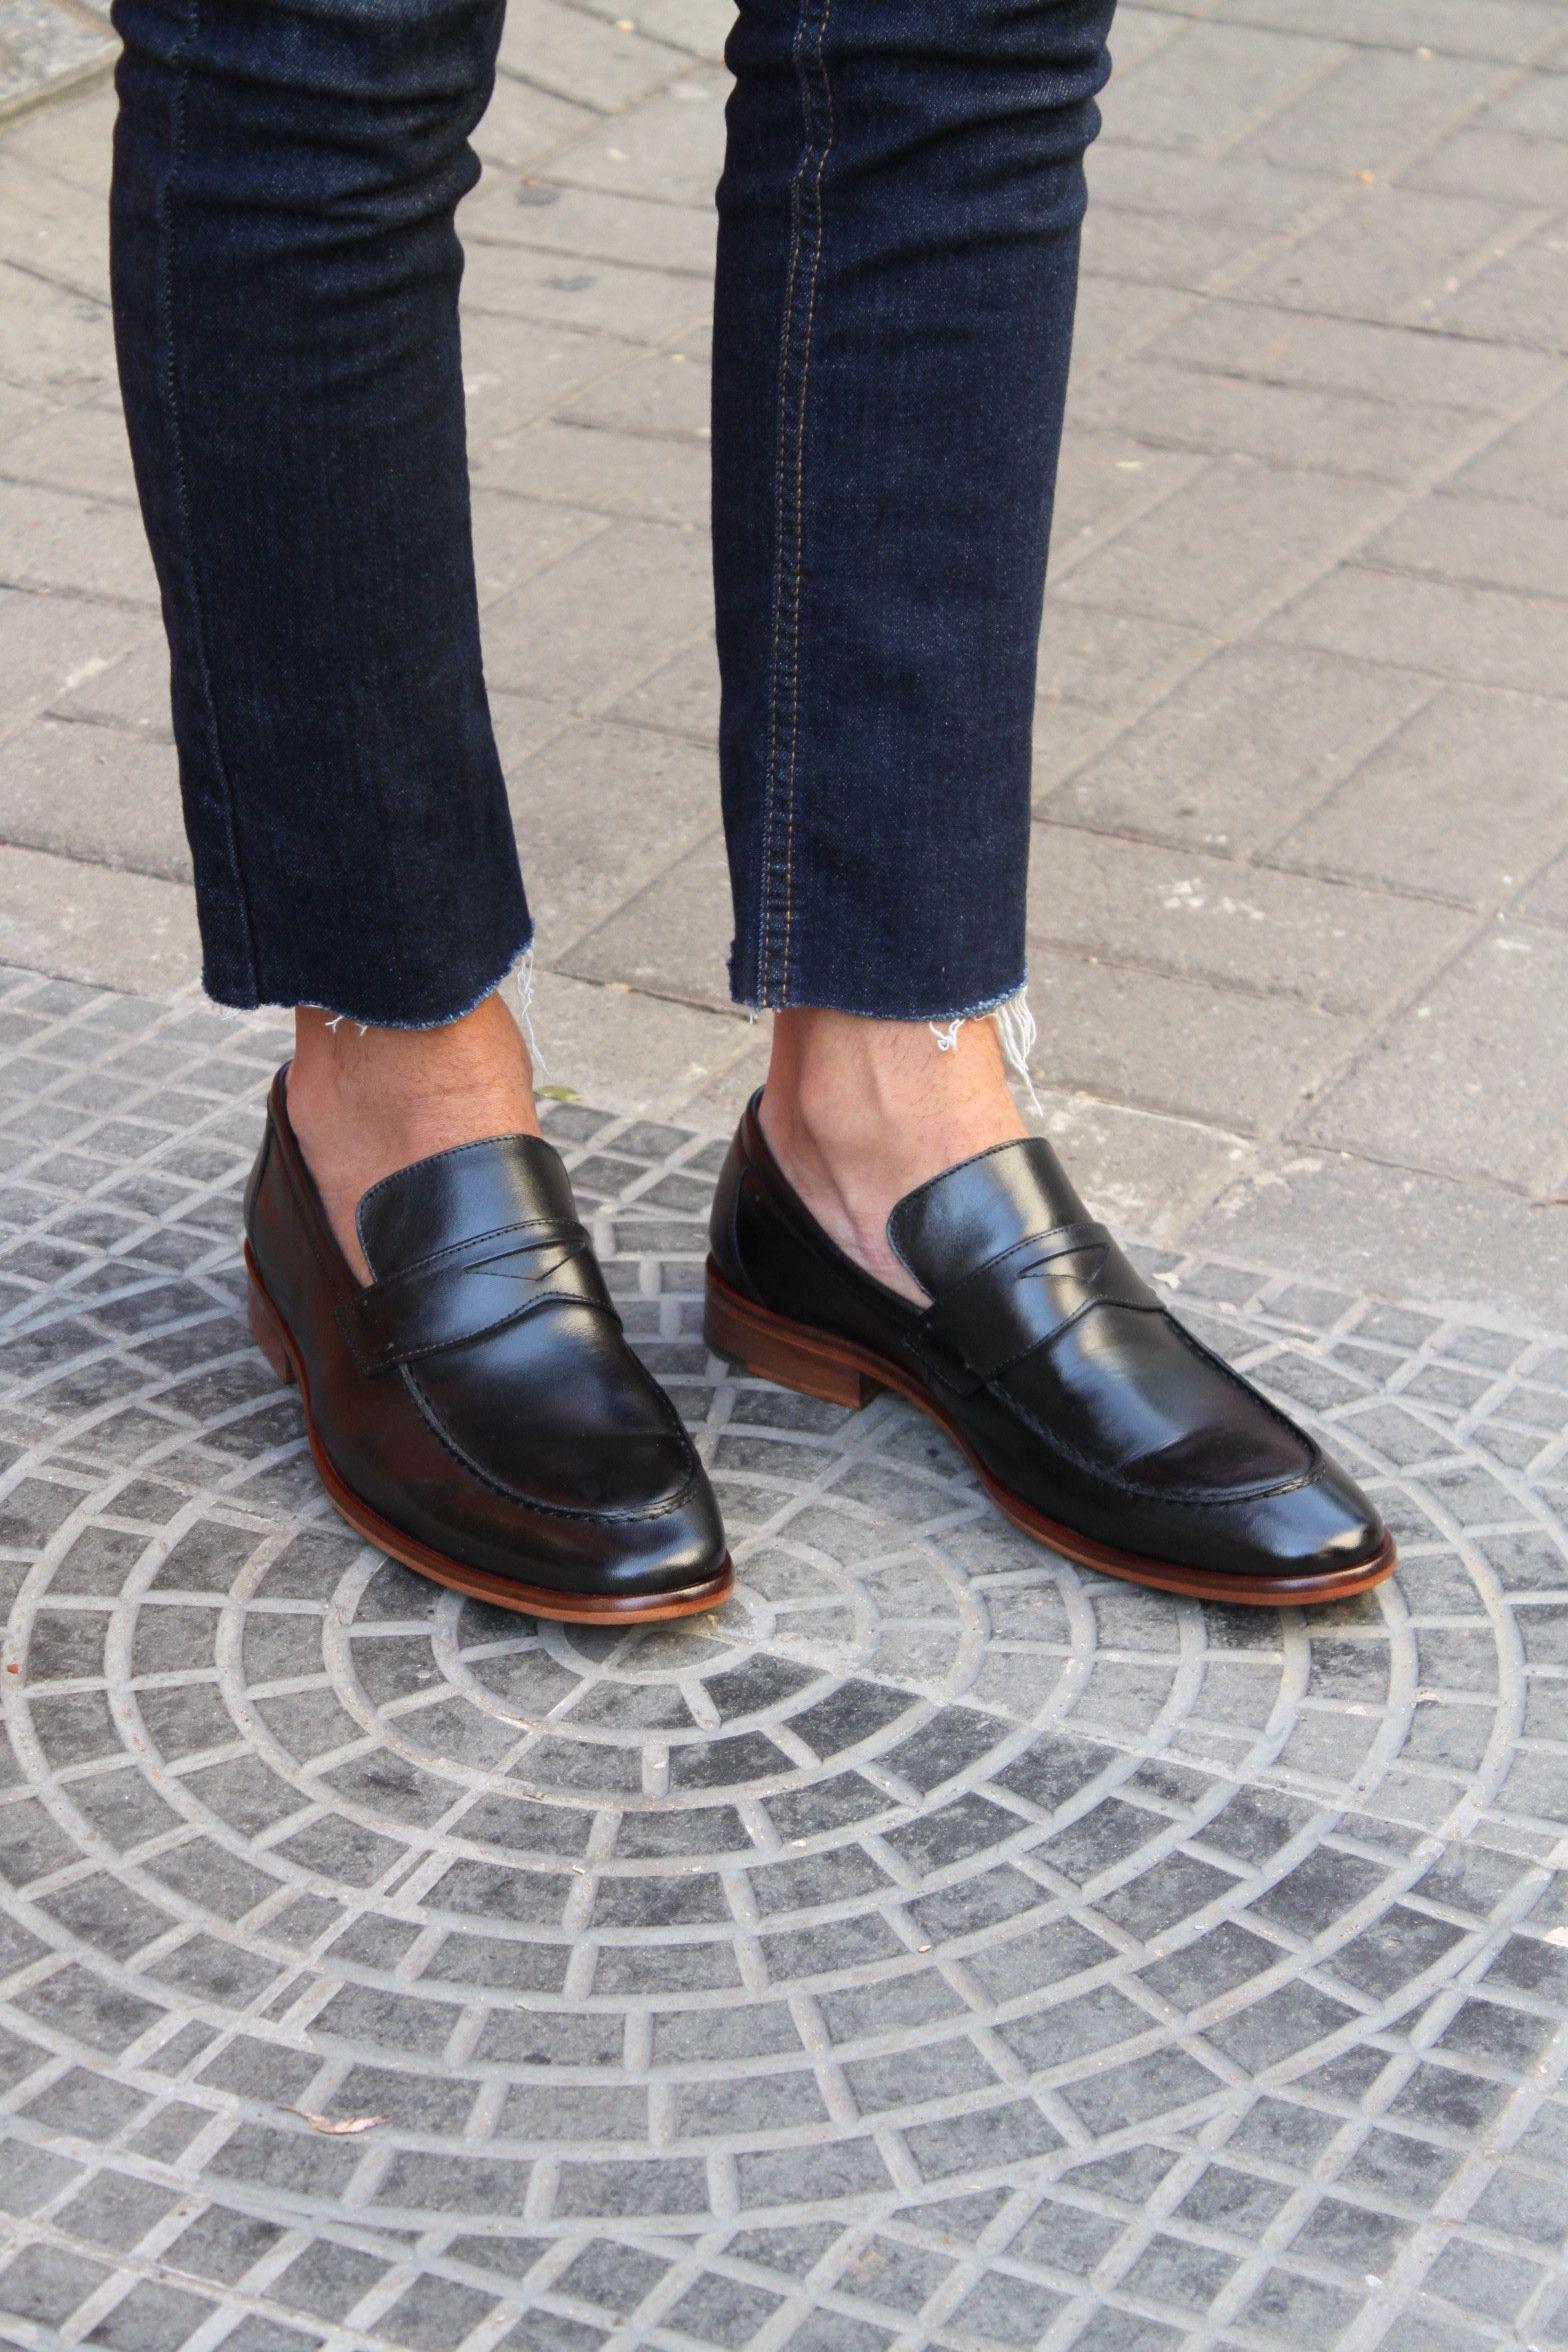 4dd1b70af80 Sapato Masculino Loafer CNS Jack em couro cor Preto com sola de couro e  forro de couro.  cns  cnsmais  masculina  loafer  mocassim  couro  leather   shoes   ...